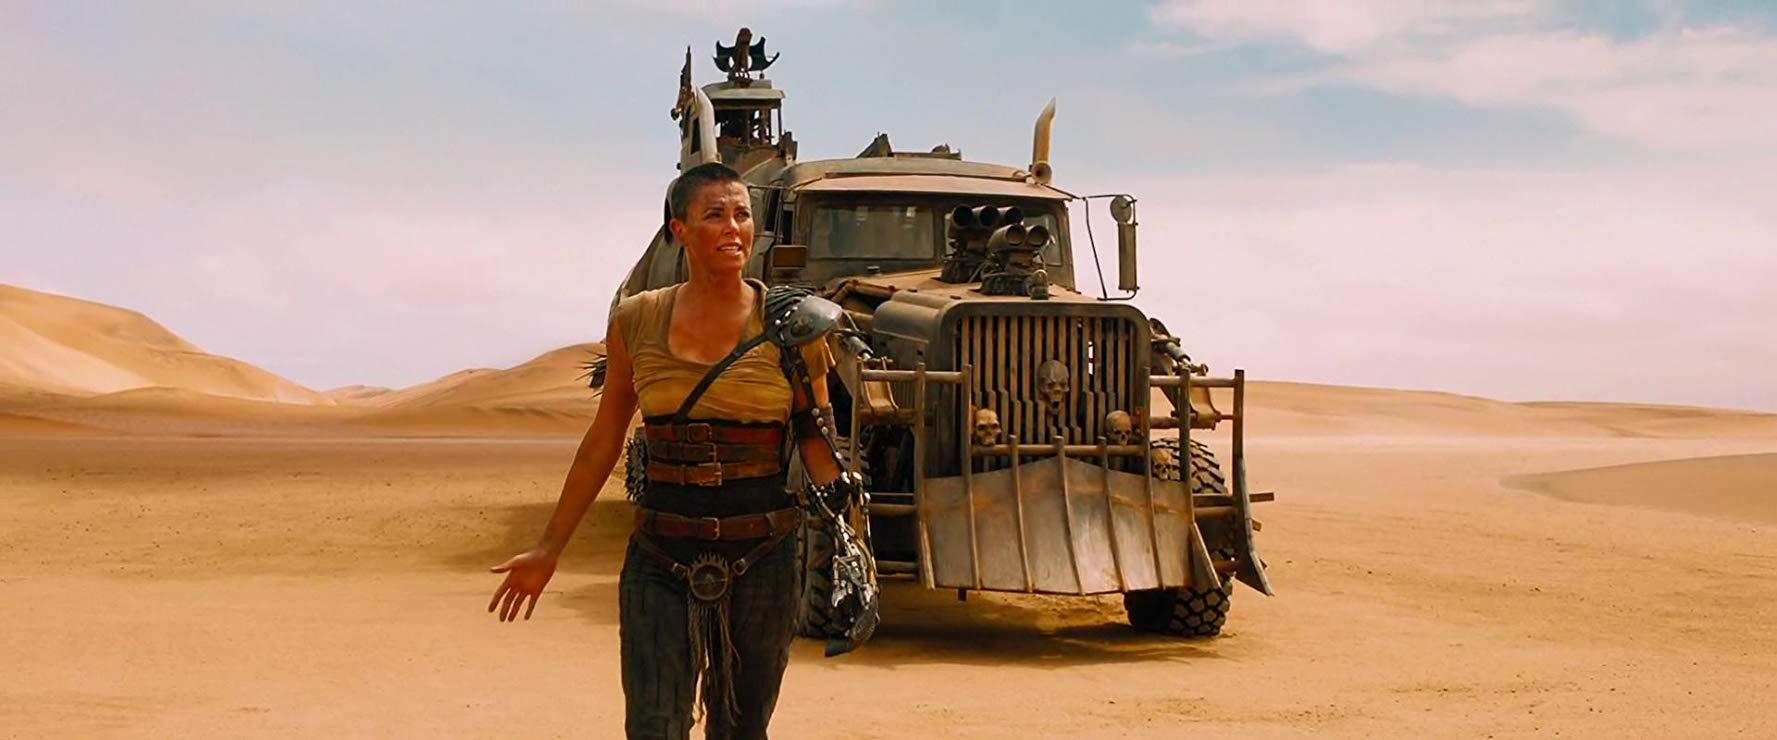 Mad Max: Estrada da Fúria - 2015 (Fonte: IMDb/Reprodução)